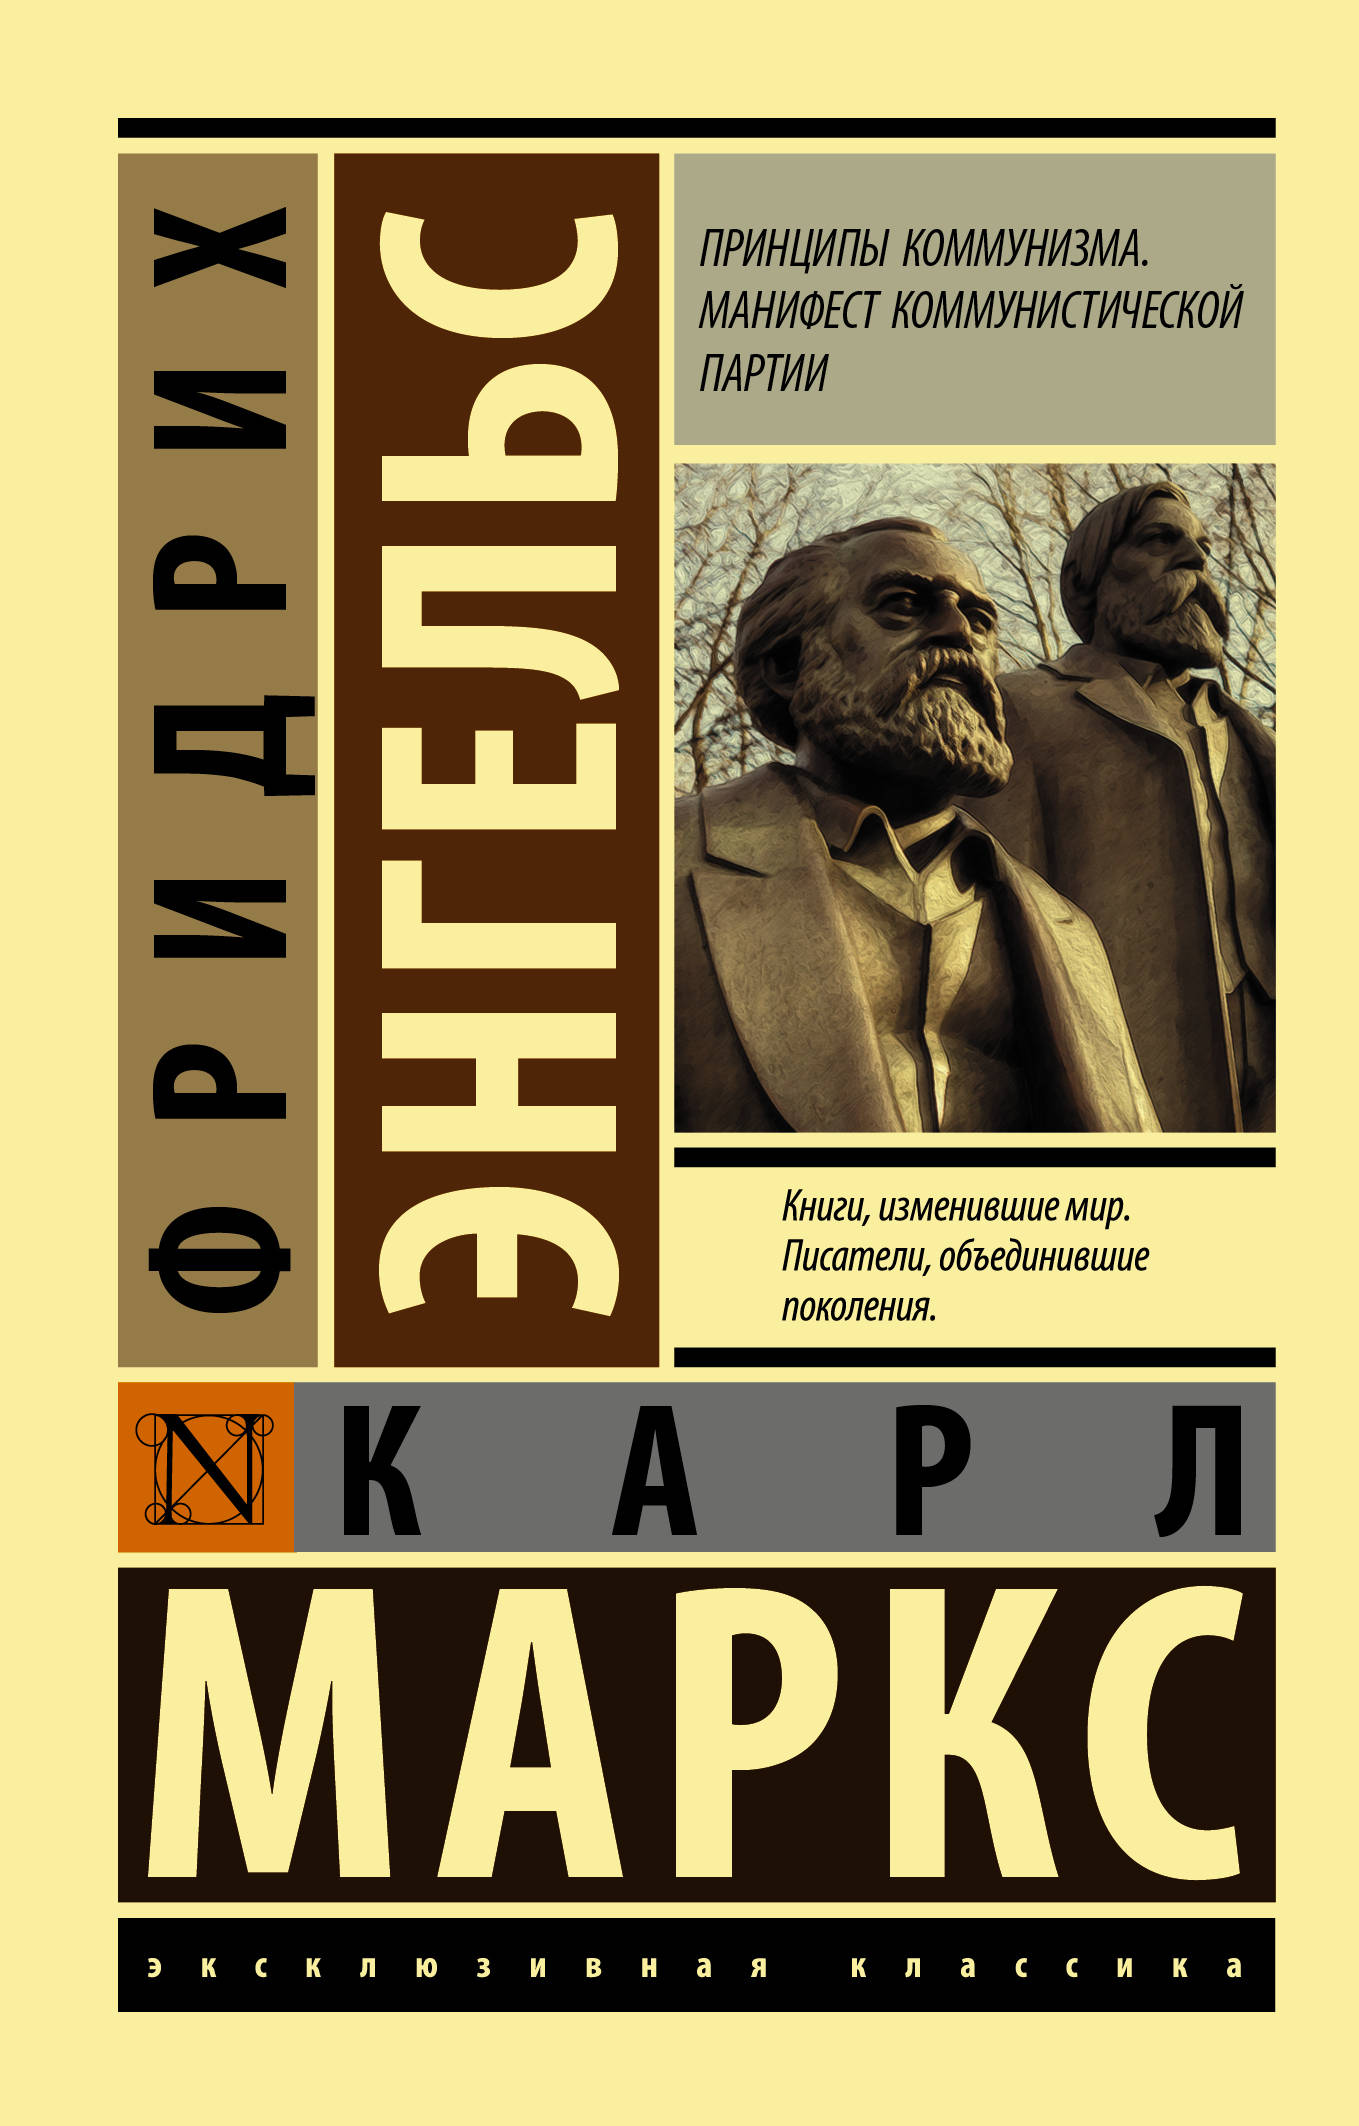 цена на Маркс Карл, Энгельс Фридрих Принципы коммунизма. Манифест коммунистической партии